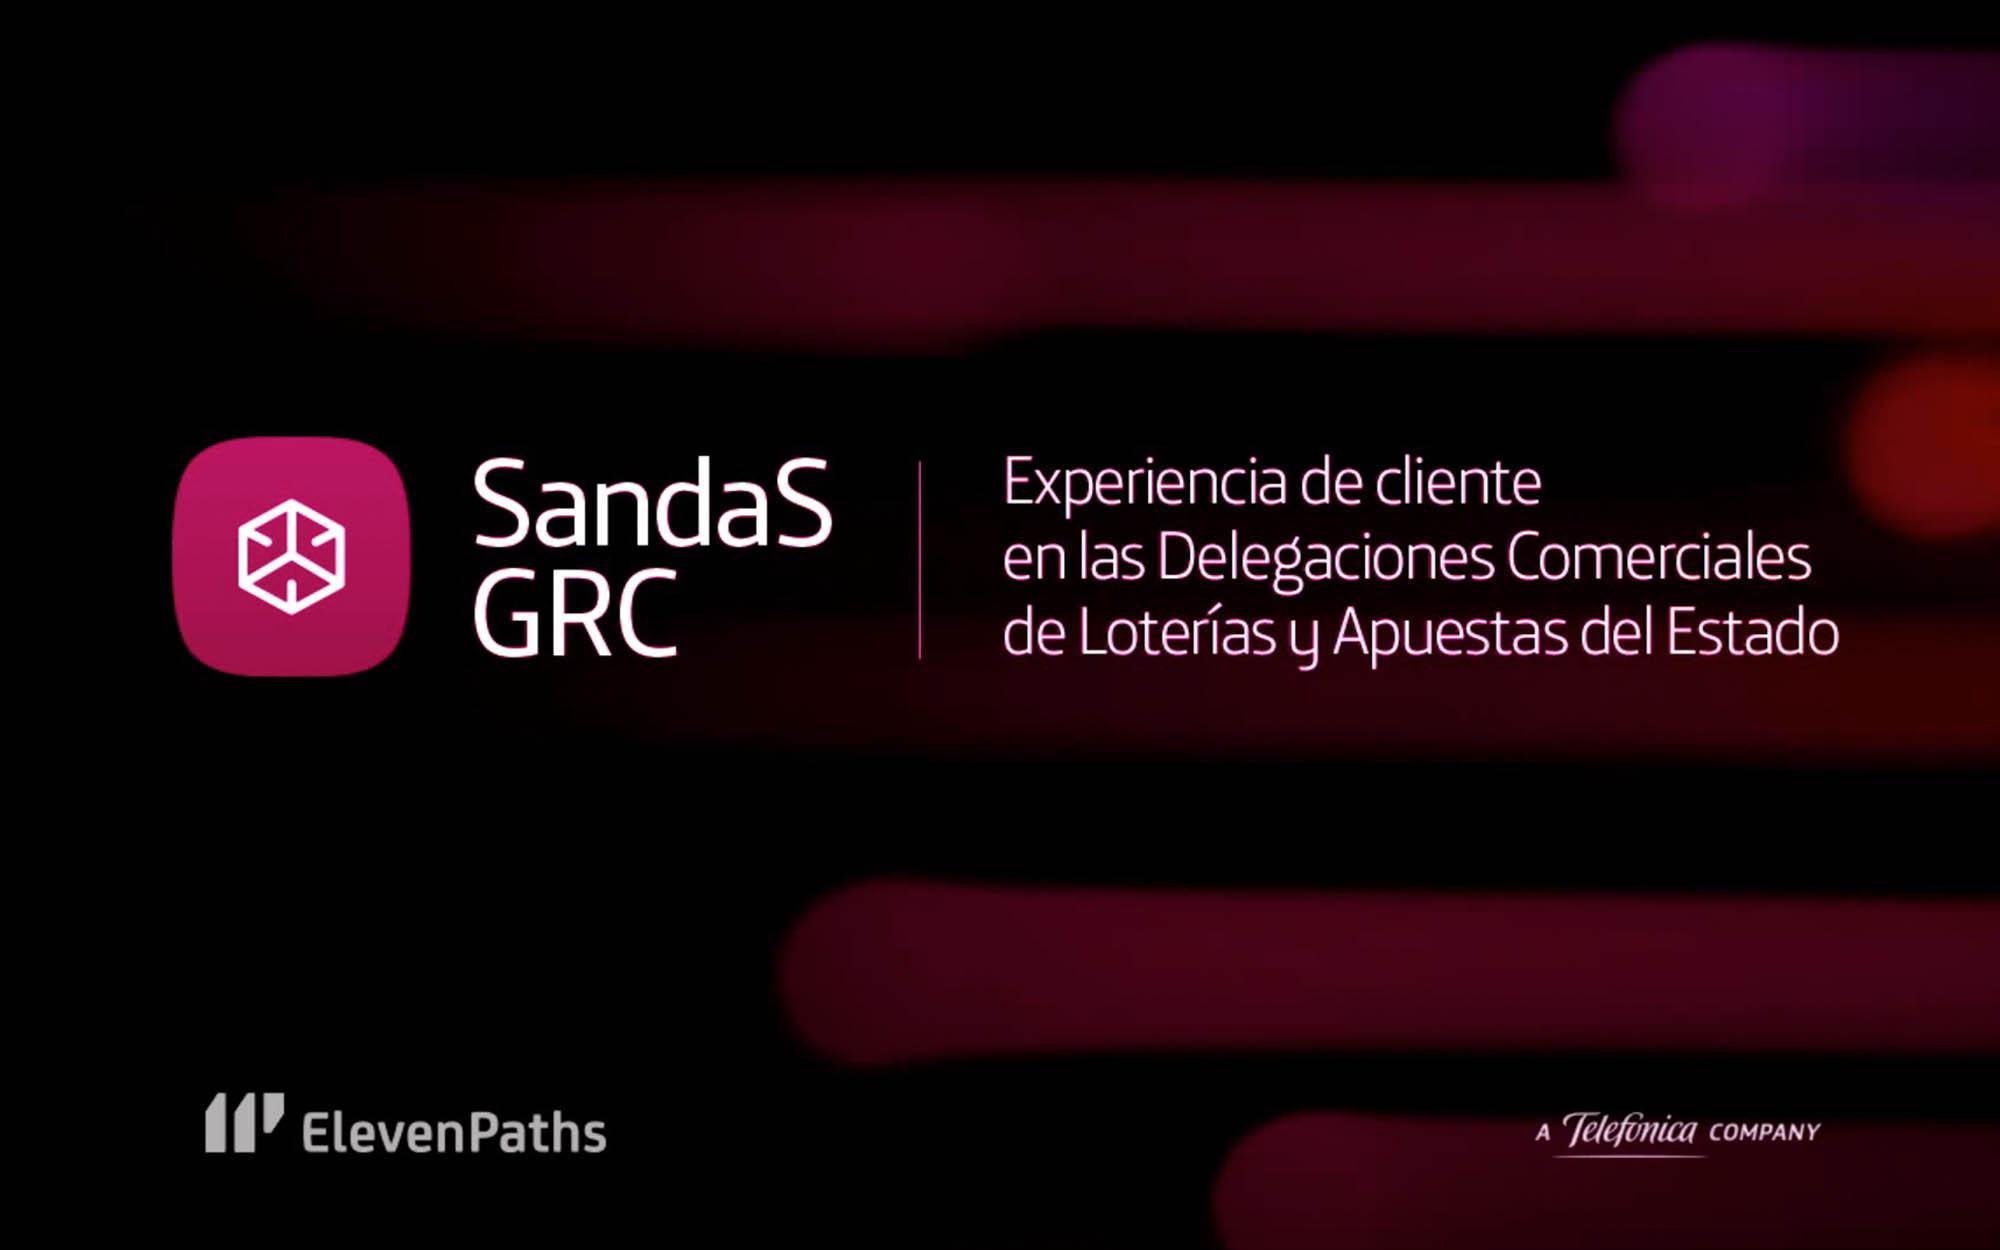 Sandas GRC